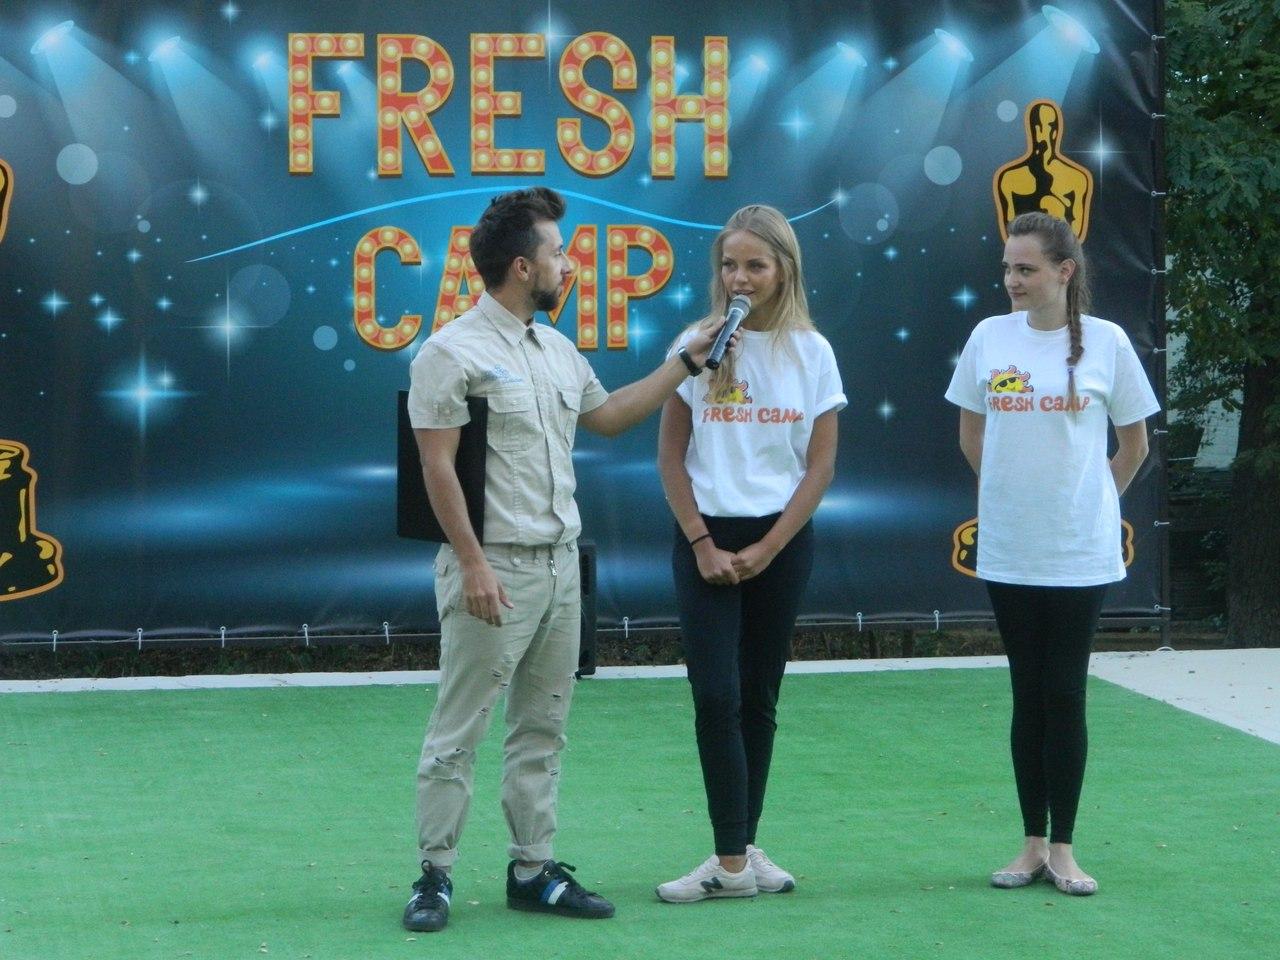 Дизайн баннера 250х500 см для лагеря Fresh Camp